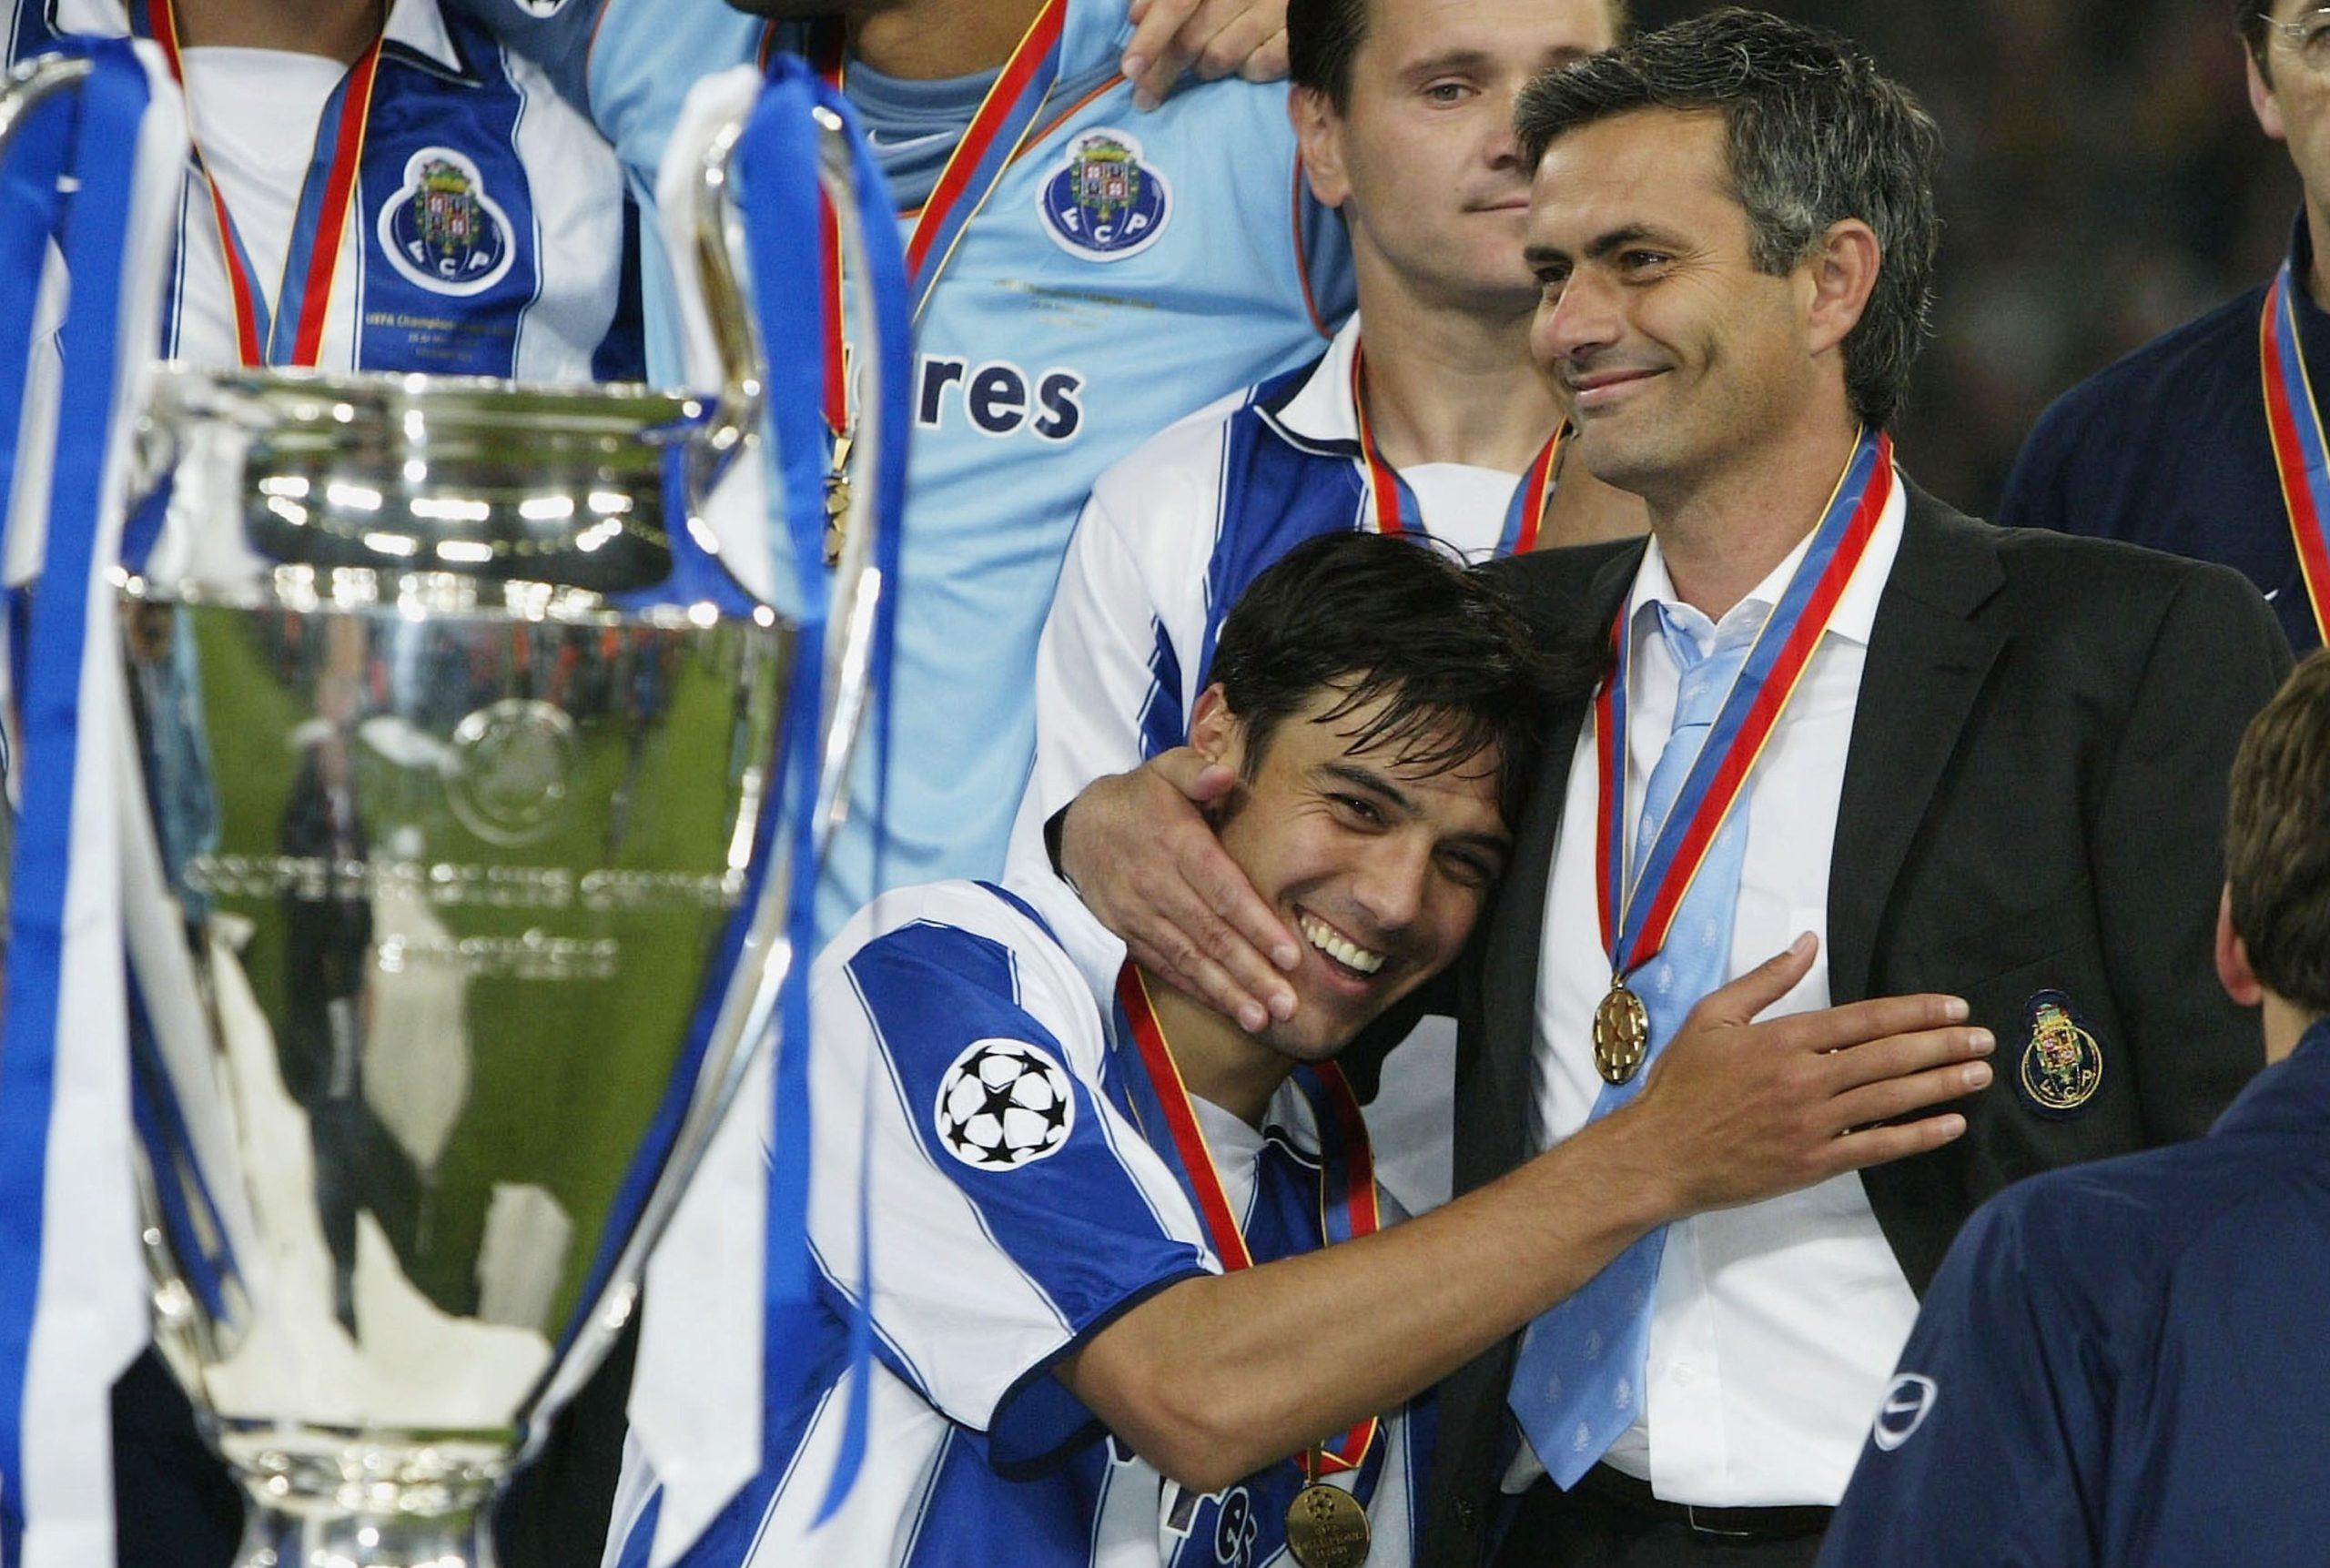 پائولو فریرا کشف مورینیو در لیگ پرتغال در آغوش او پس از قهرمانی اروپا به همراه پورتو